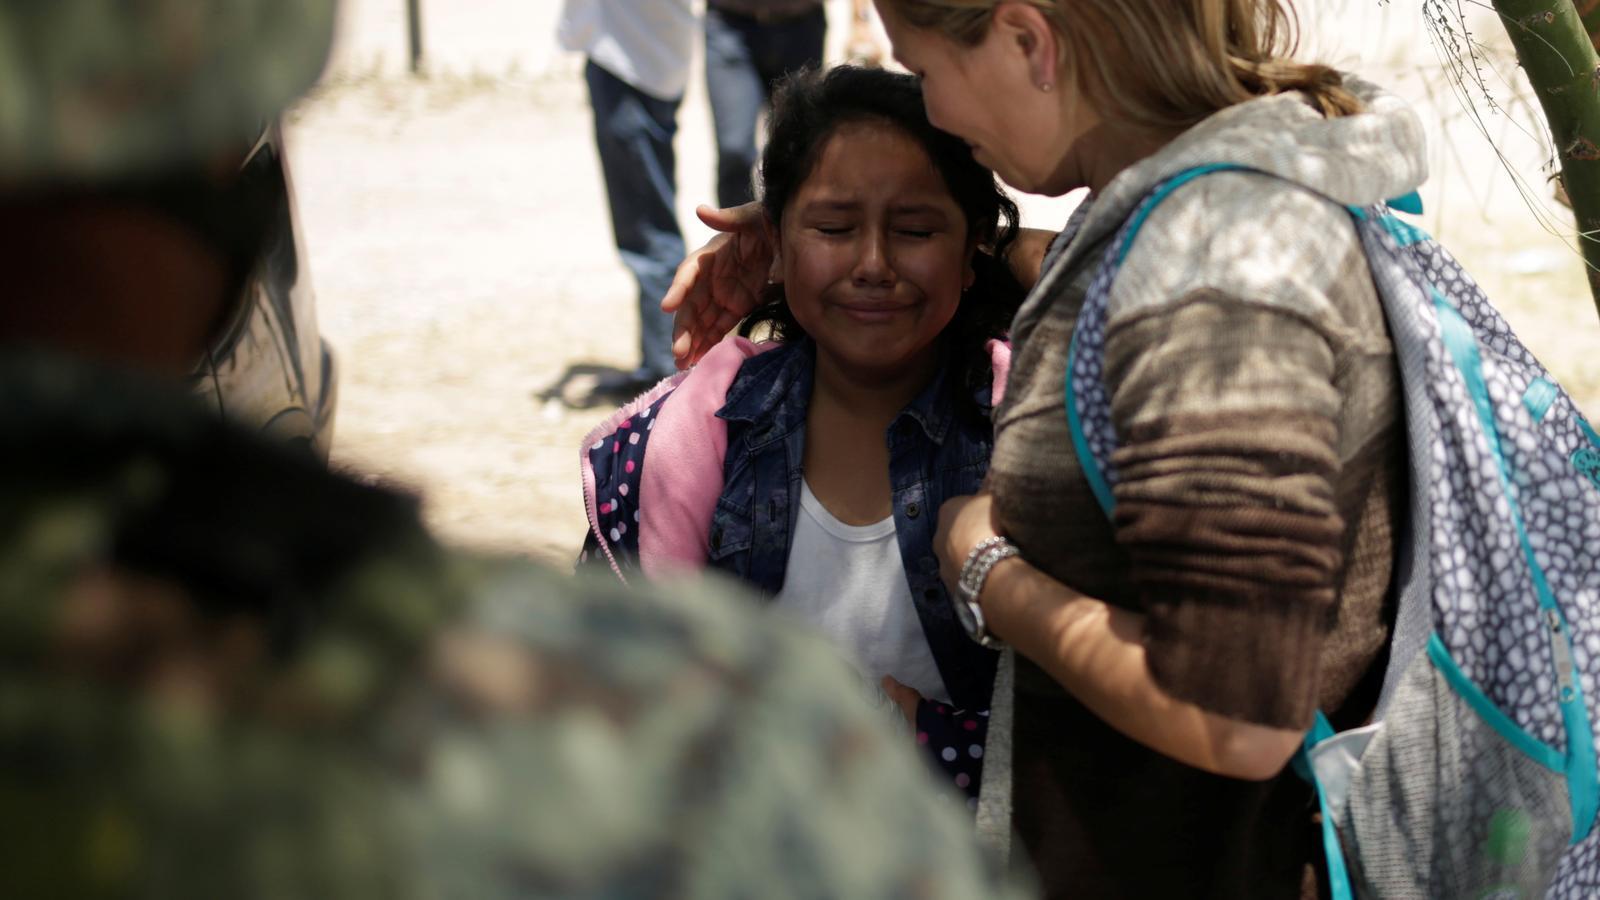 Escàndol als EUA pel tracte indigne als nens immigrants